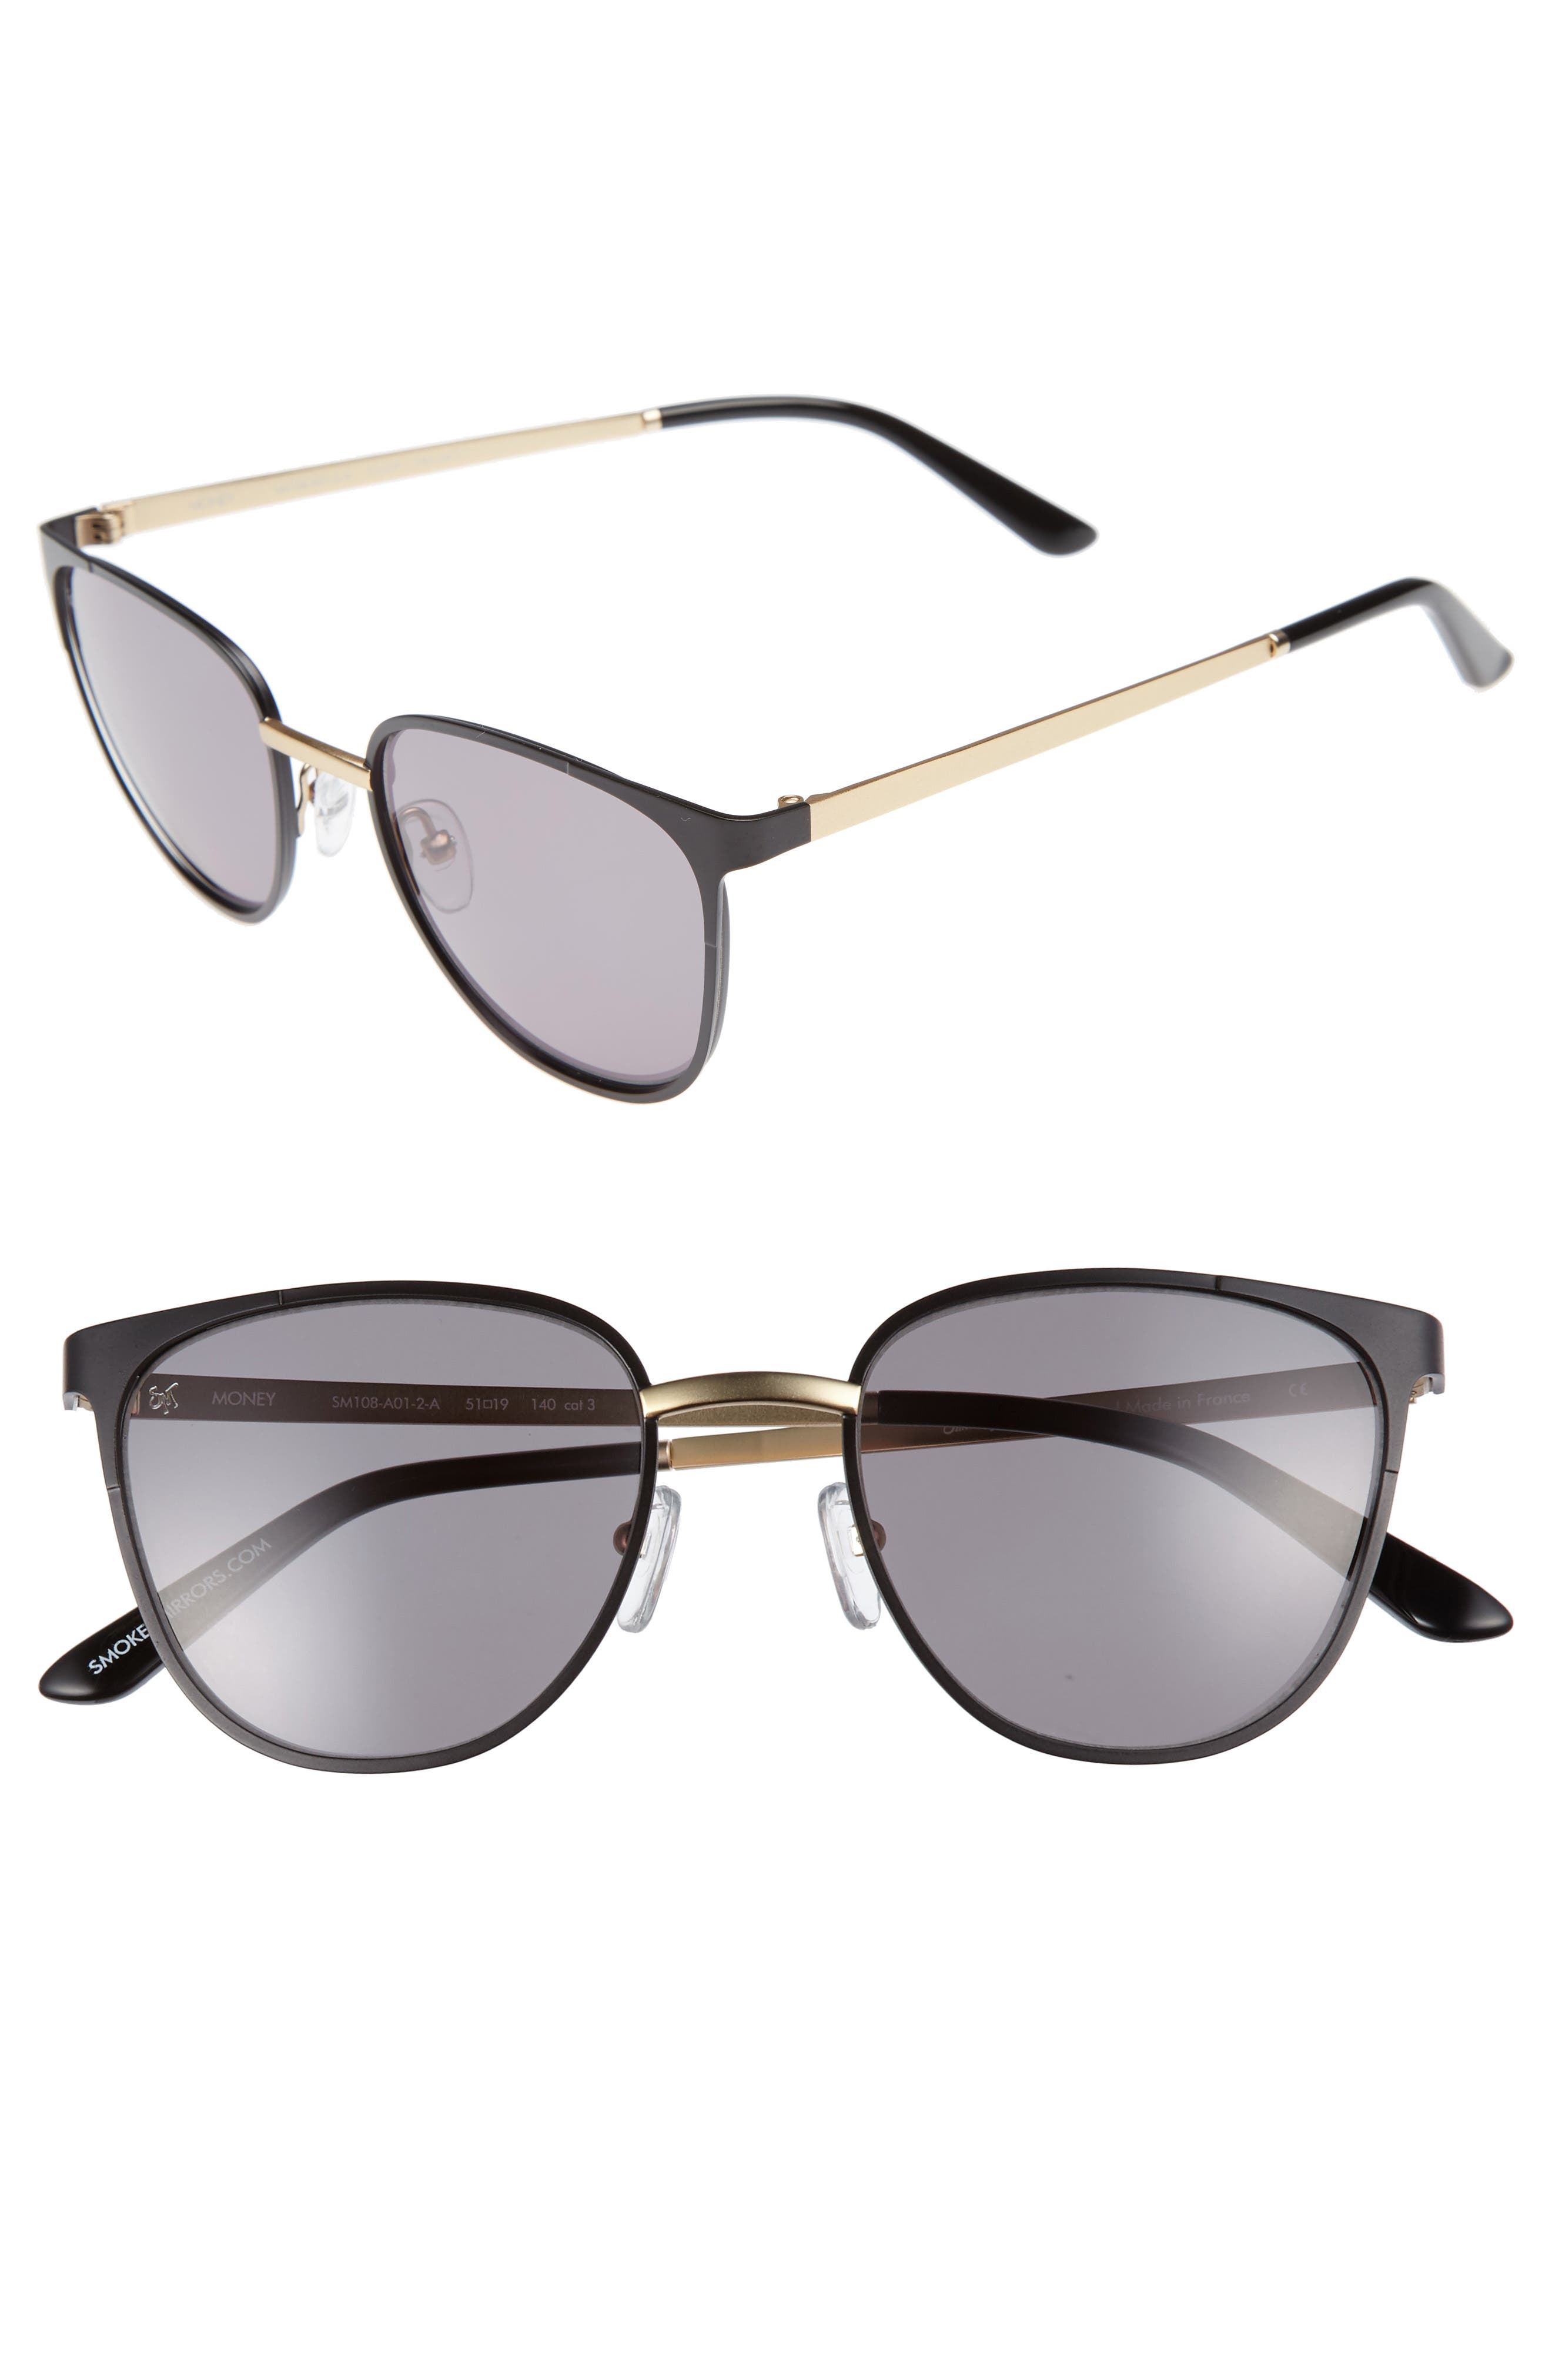 Money 51mm Sunglasses,                         Main,                         color, Matte Black/ Brown